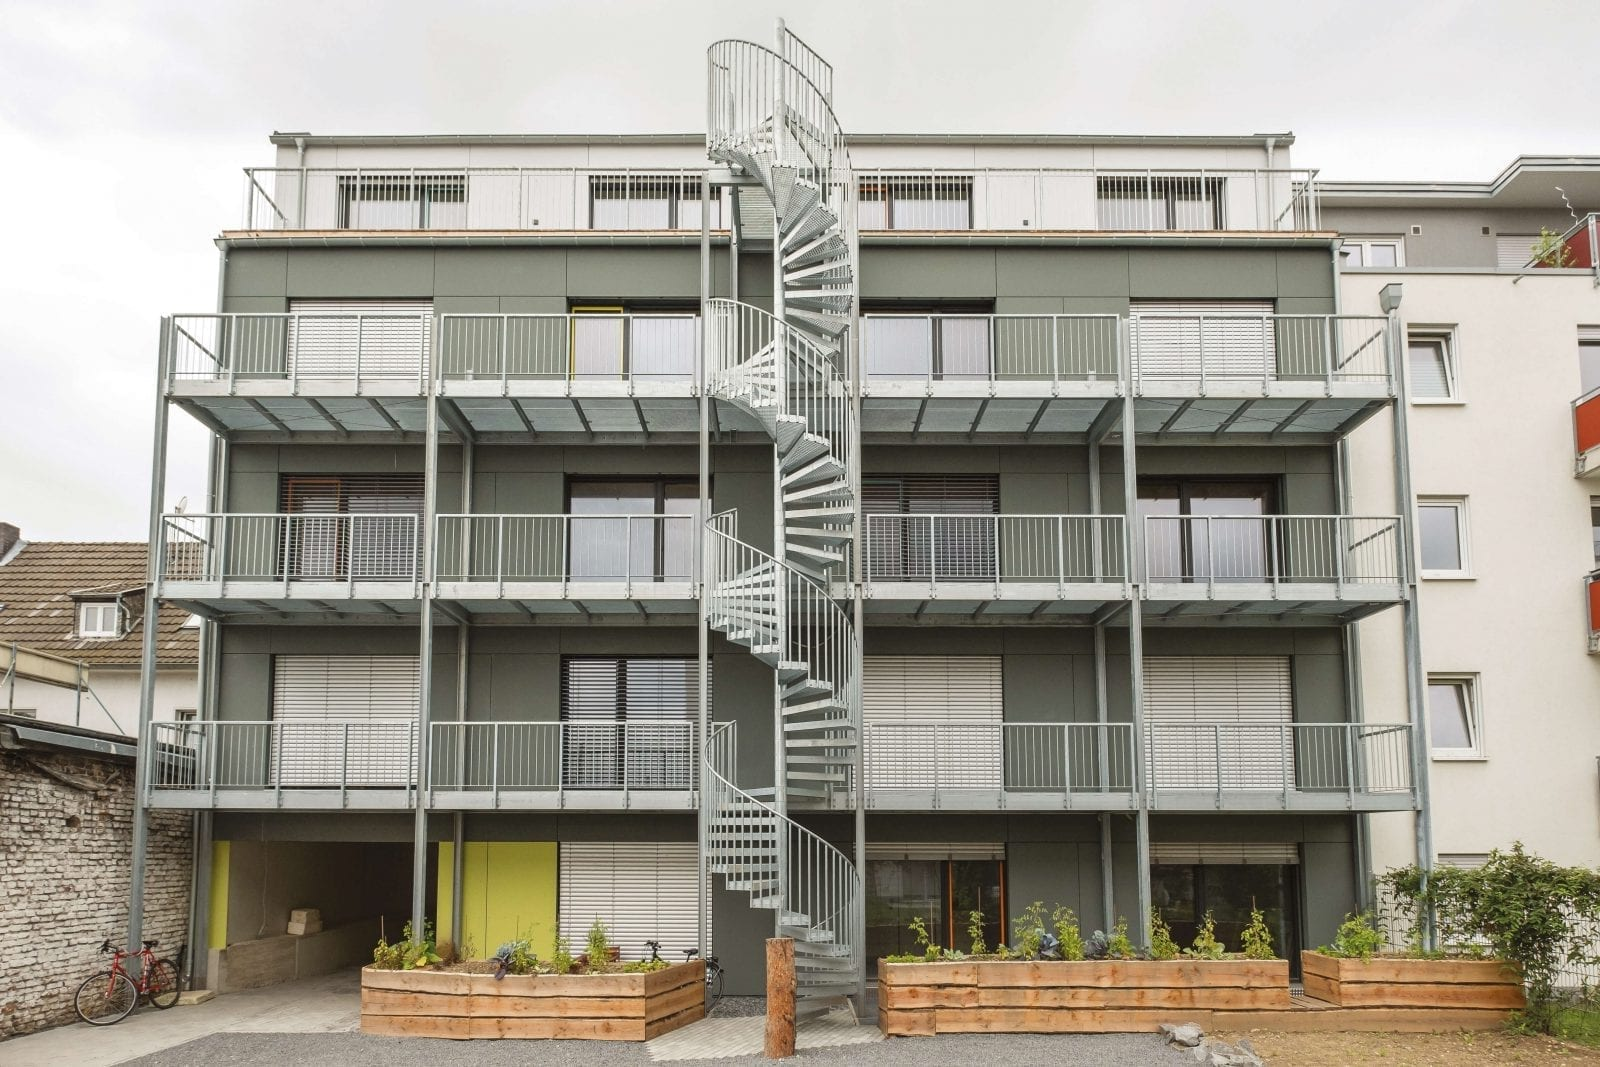 Studentenwohnheim in Bonn - Bildquelle: © Ives Paduch